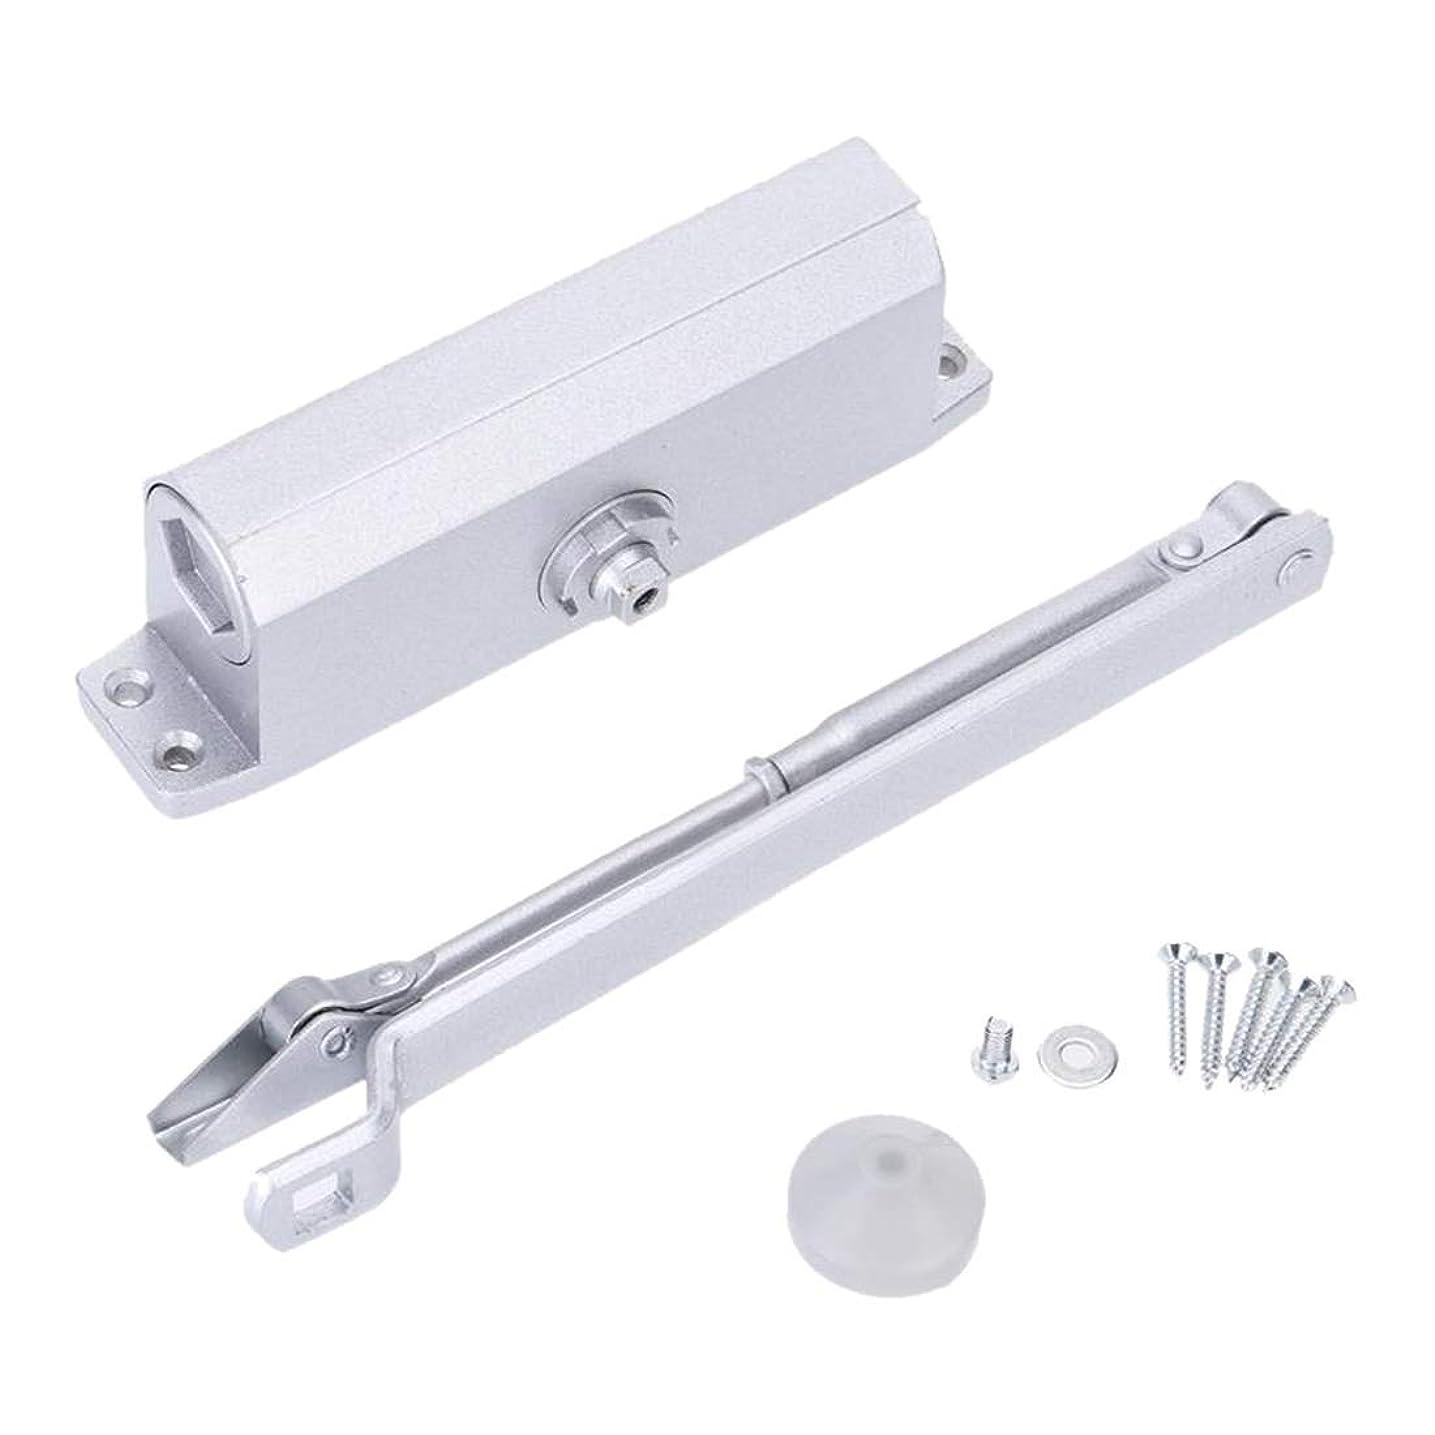 温帯ユーモラス動的SYMu クローサー自動油圧ドアクローザー35キロパラレルブラケット付きアルミ合金油圧ドア (Color : Silver)